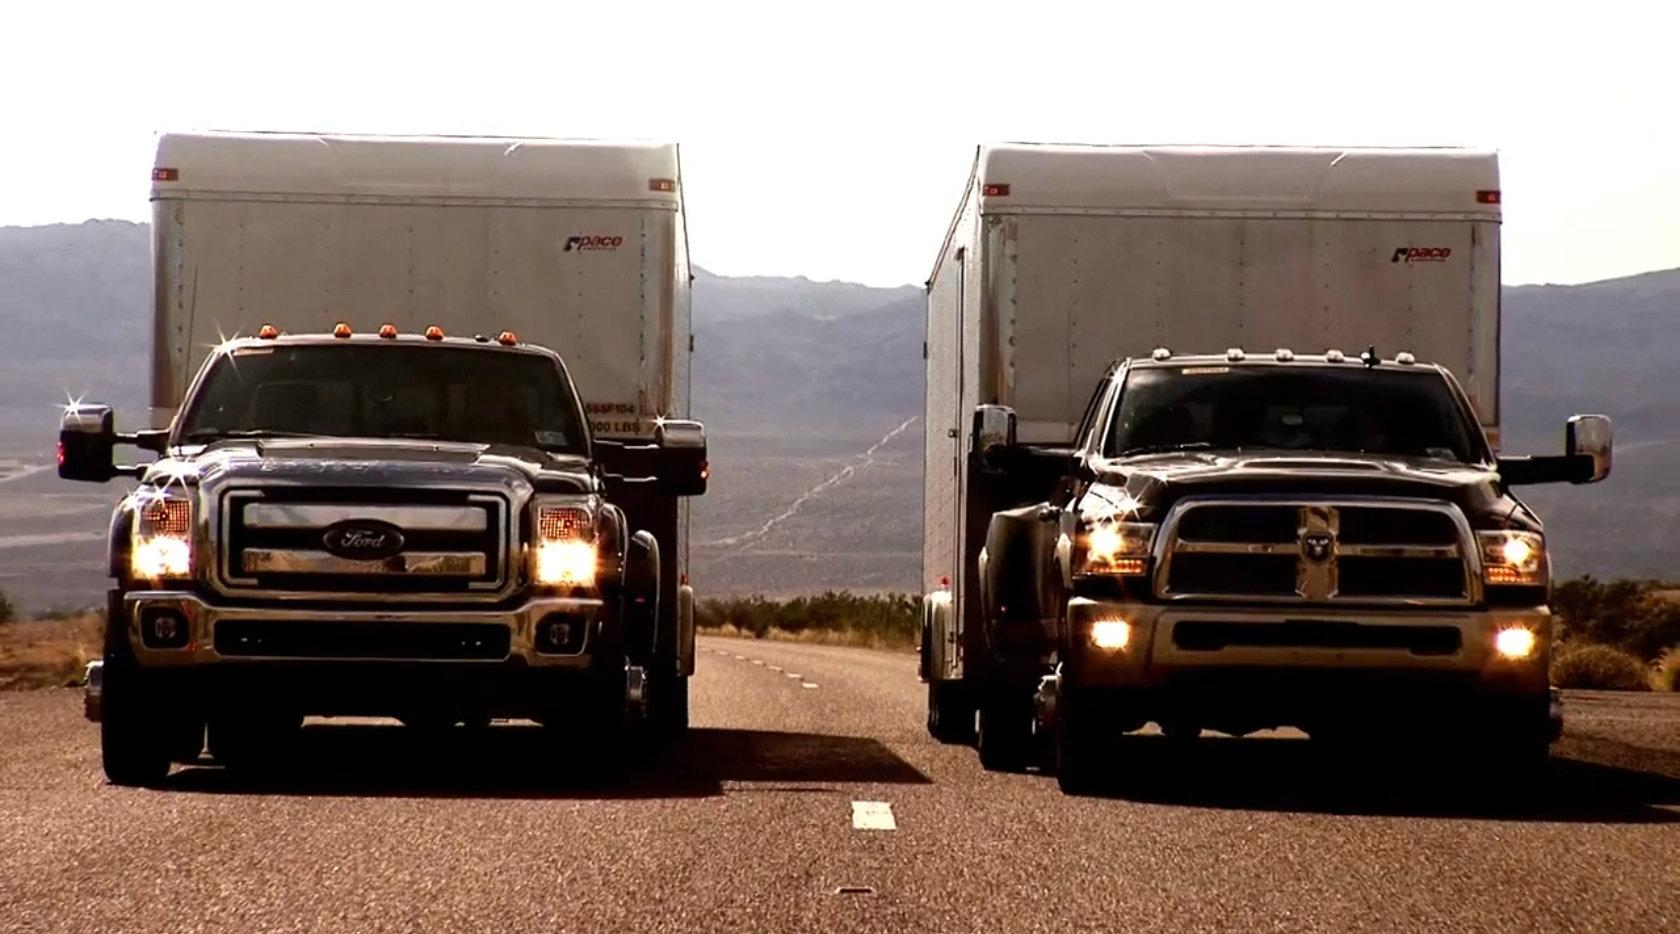 hight resolution of ford f 350 vs ram 3500 hd vs chevrolet silverado 3500 hd comparison